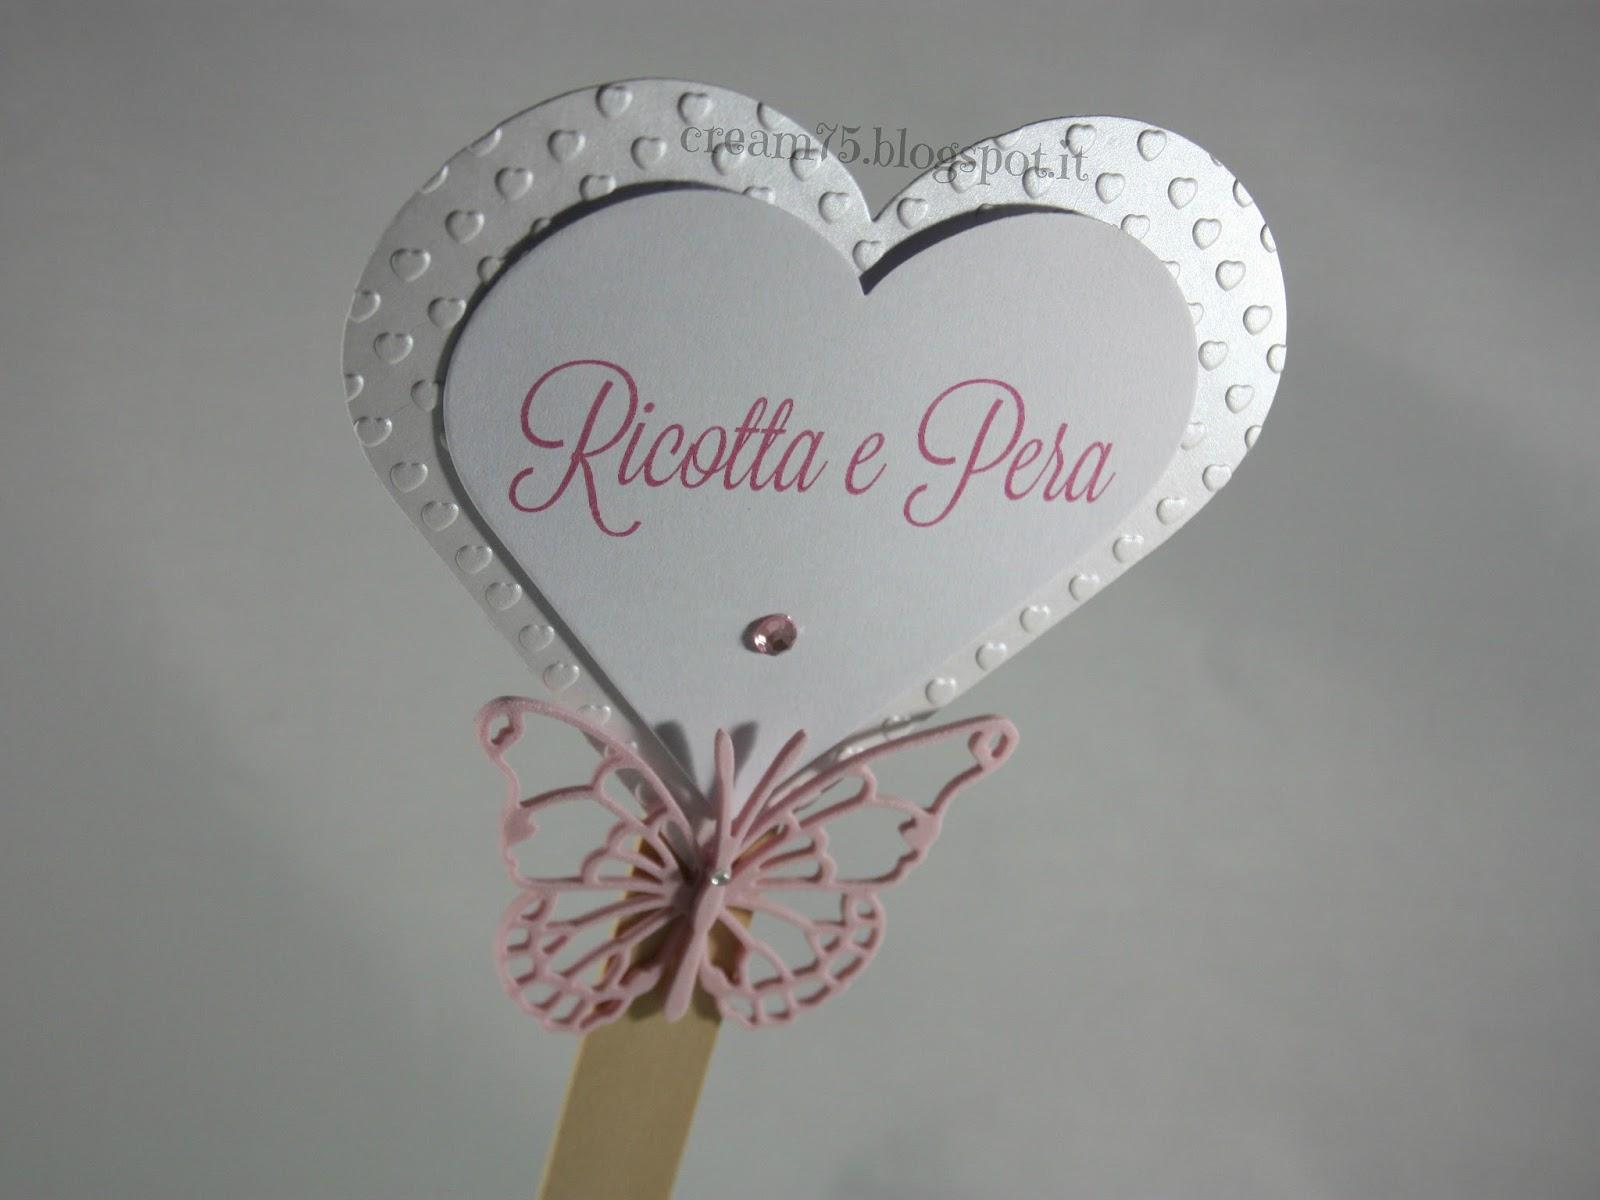 Popolare My Sweet Blog: Cartellino confettata cuore e farfalla YF69